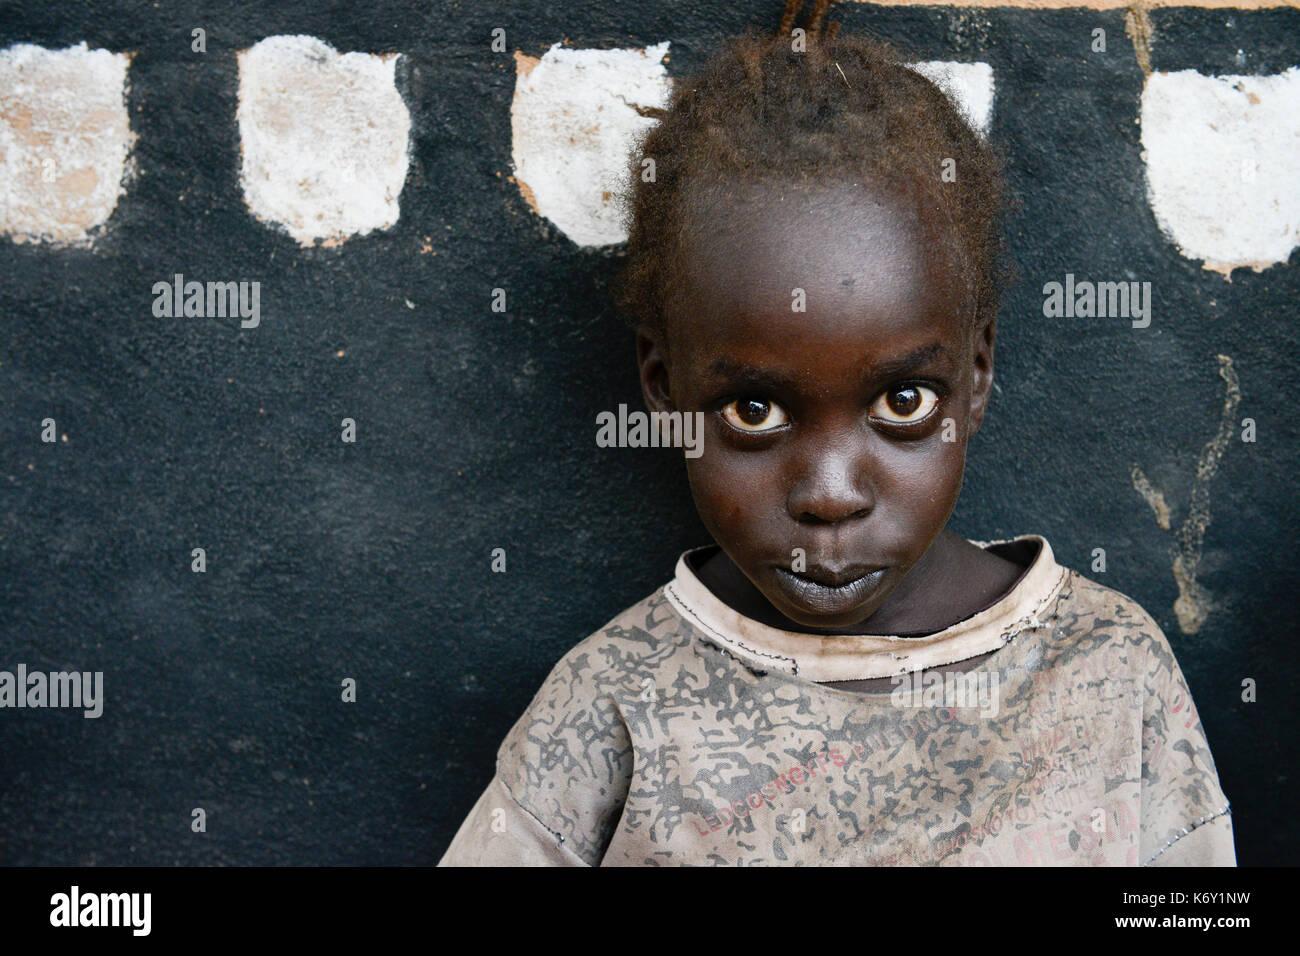 In Uganda, diocesi di Arua, sud rifugiati sudanesi nel campo di Rhino insediamento di rifugiati , Nuer ragazza / suedsudanesische Fluechtlinge Fluechtlingslager im nel campo di Rhino, Nuer Maedchen Immagini Stock